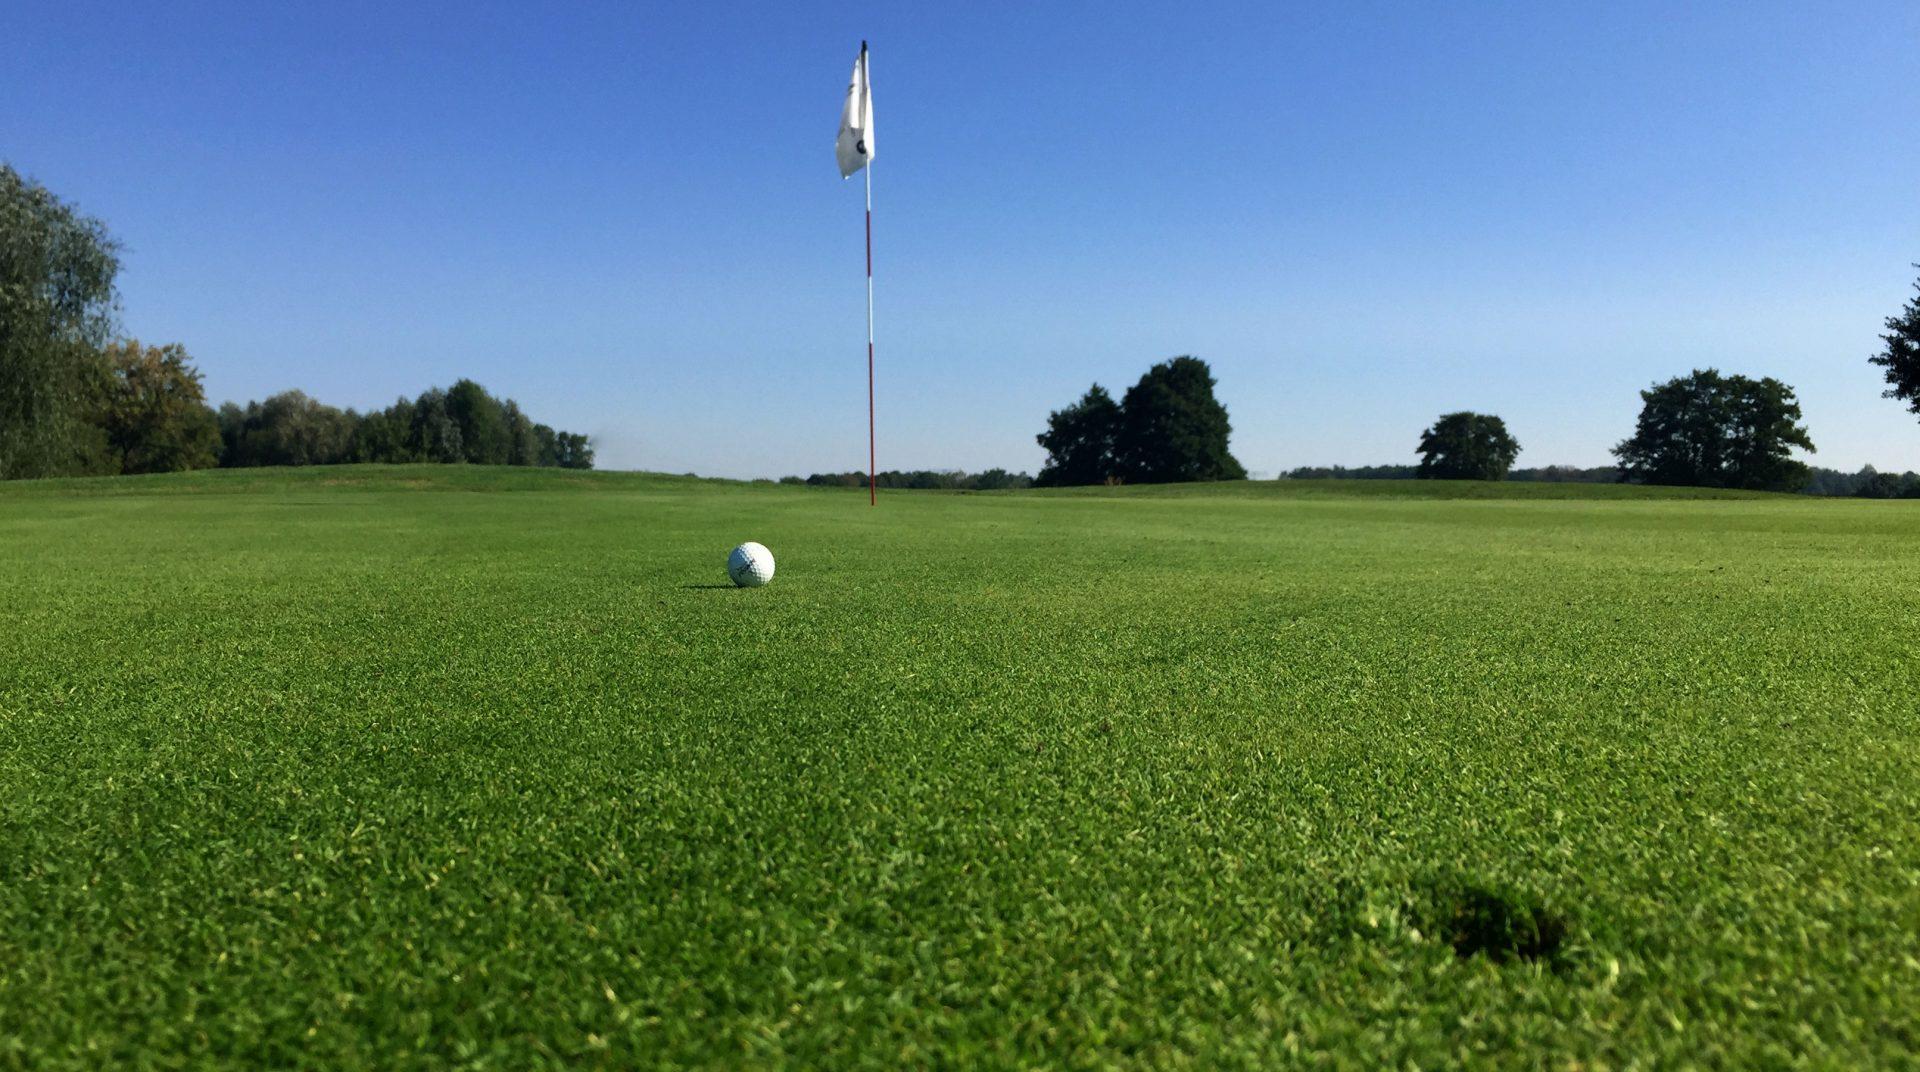 pitchmarke gruen - Mitgliedschaft oder nicht? Was Du als Golf-Anfänger wissen solltest.